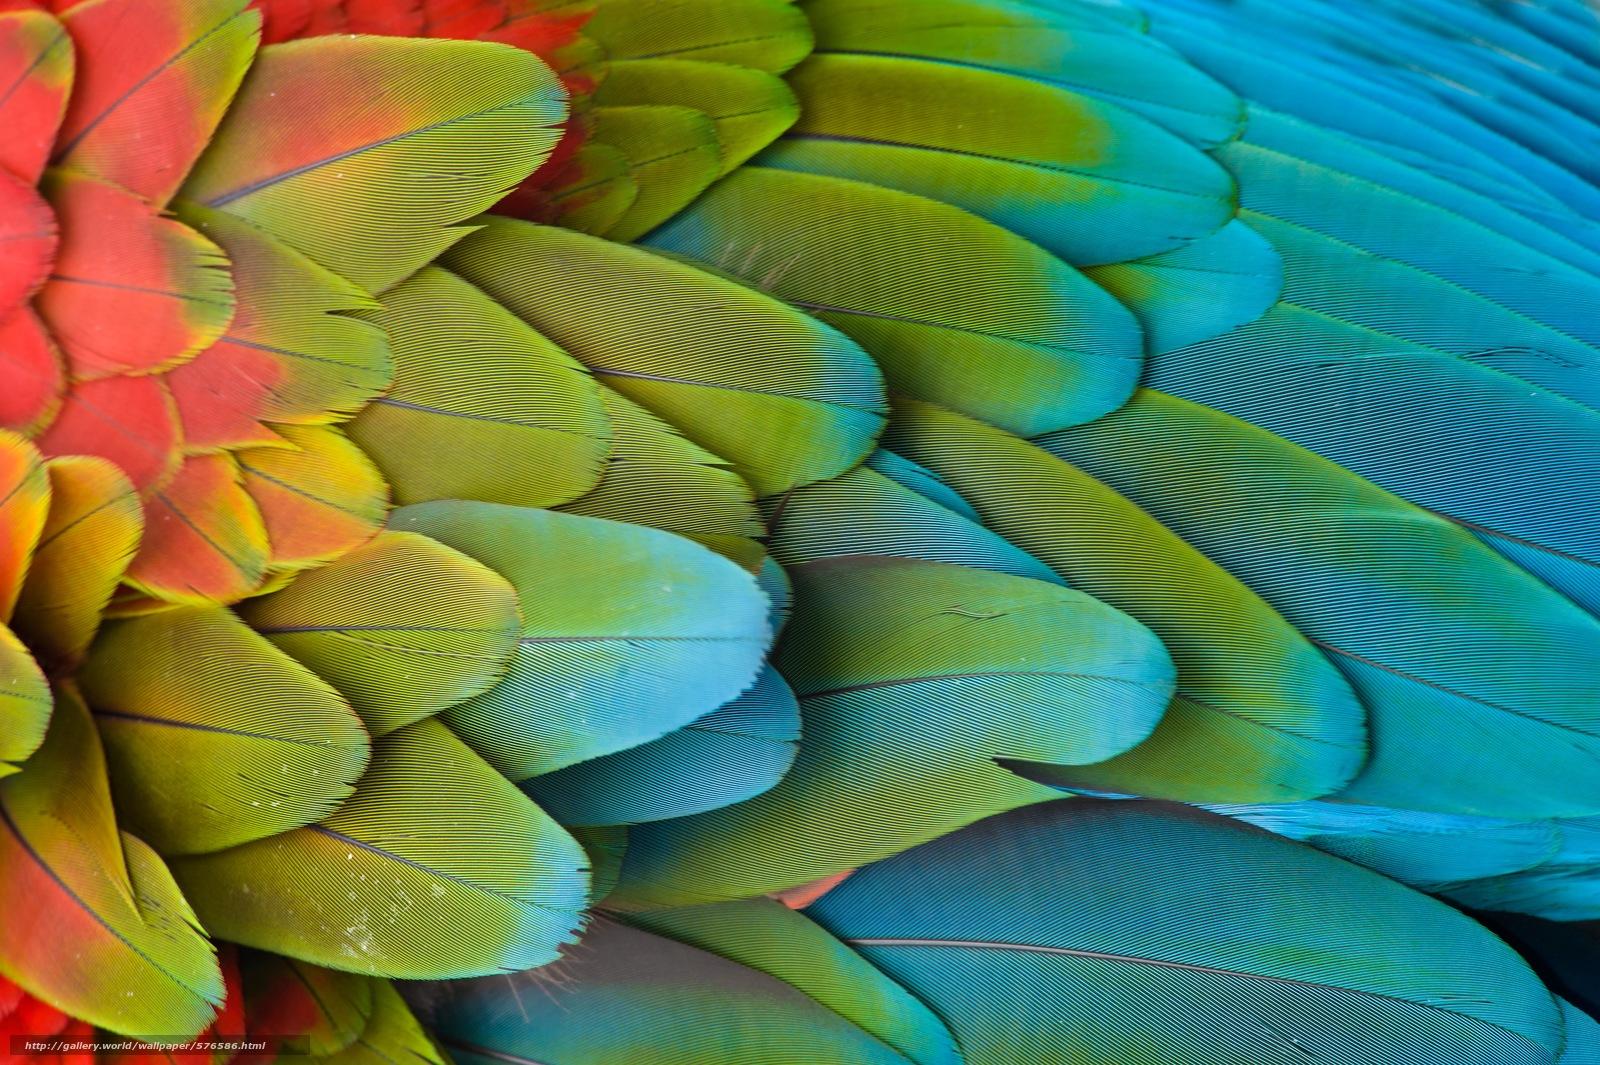 Скачать обои крыло,  попугай,  перья бесплатно для рабочего стола в разрешении 8512x5664 — картинка №576586